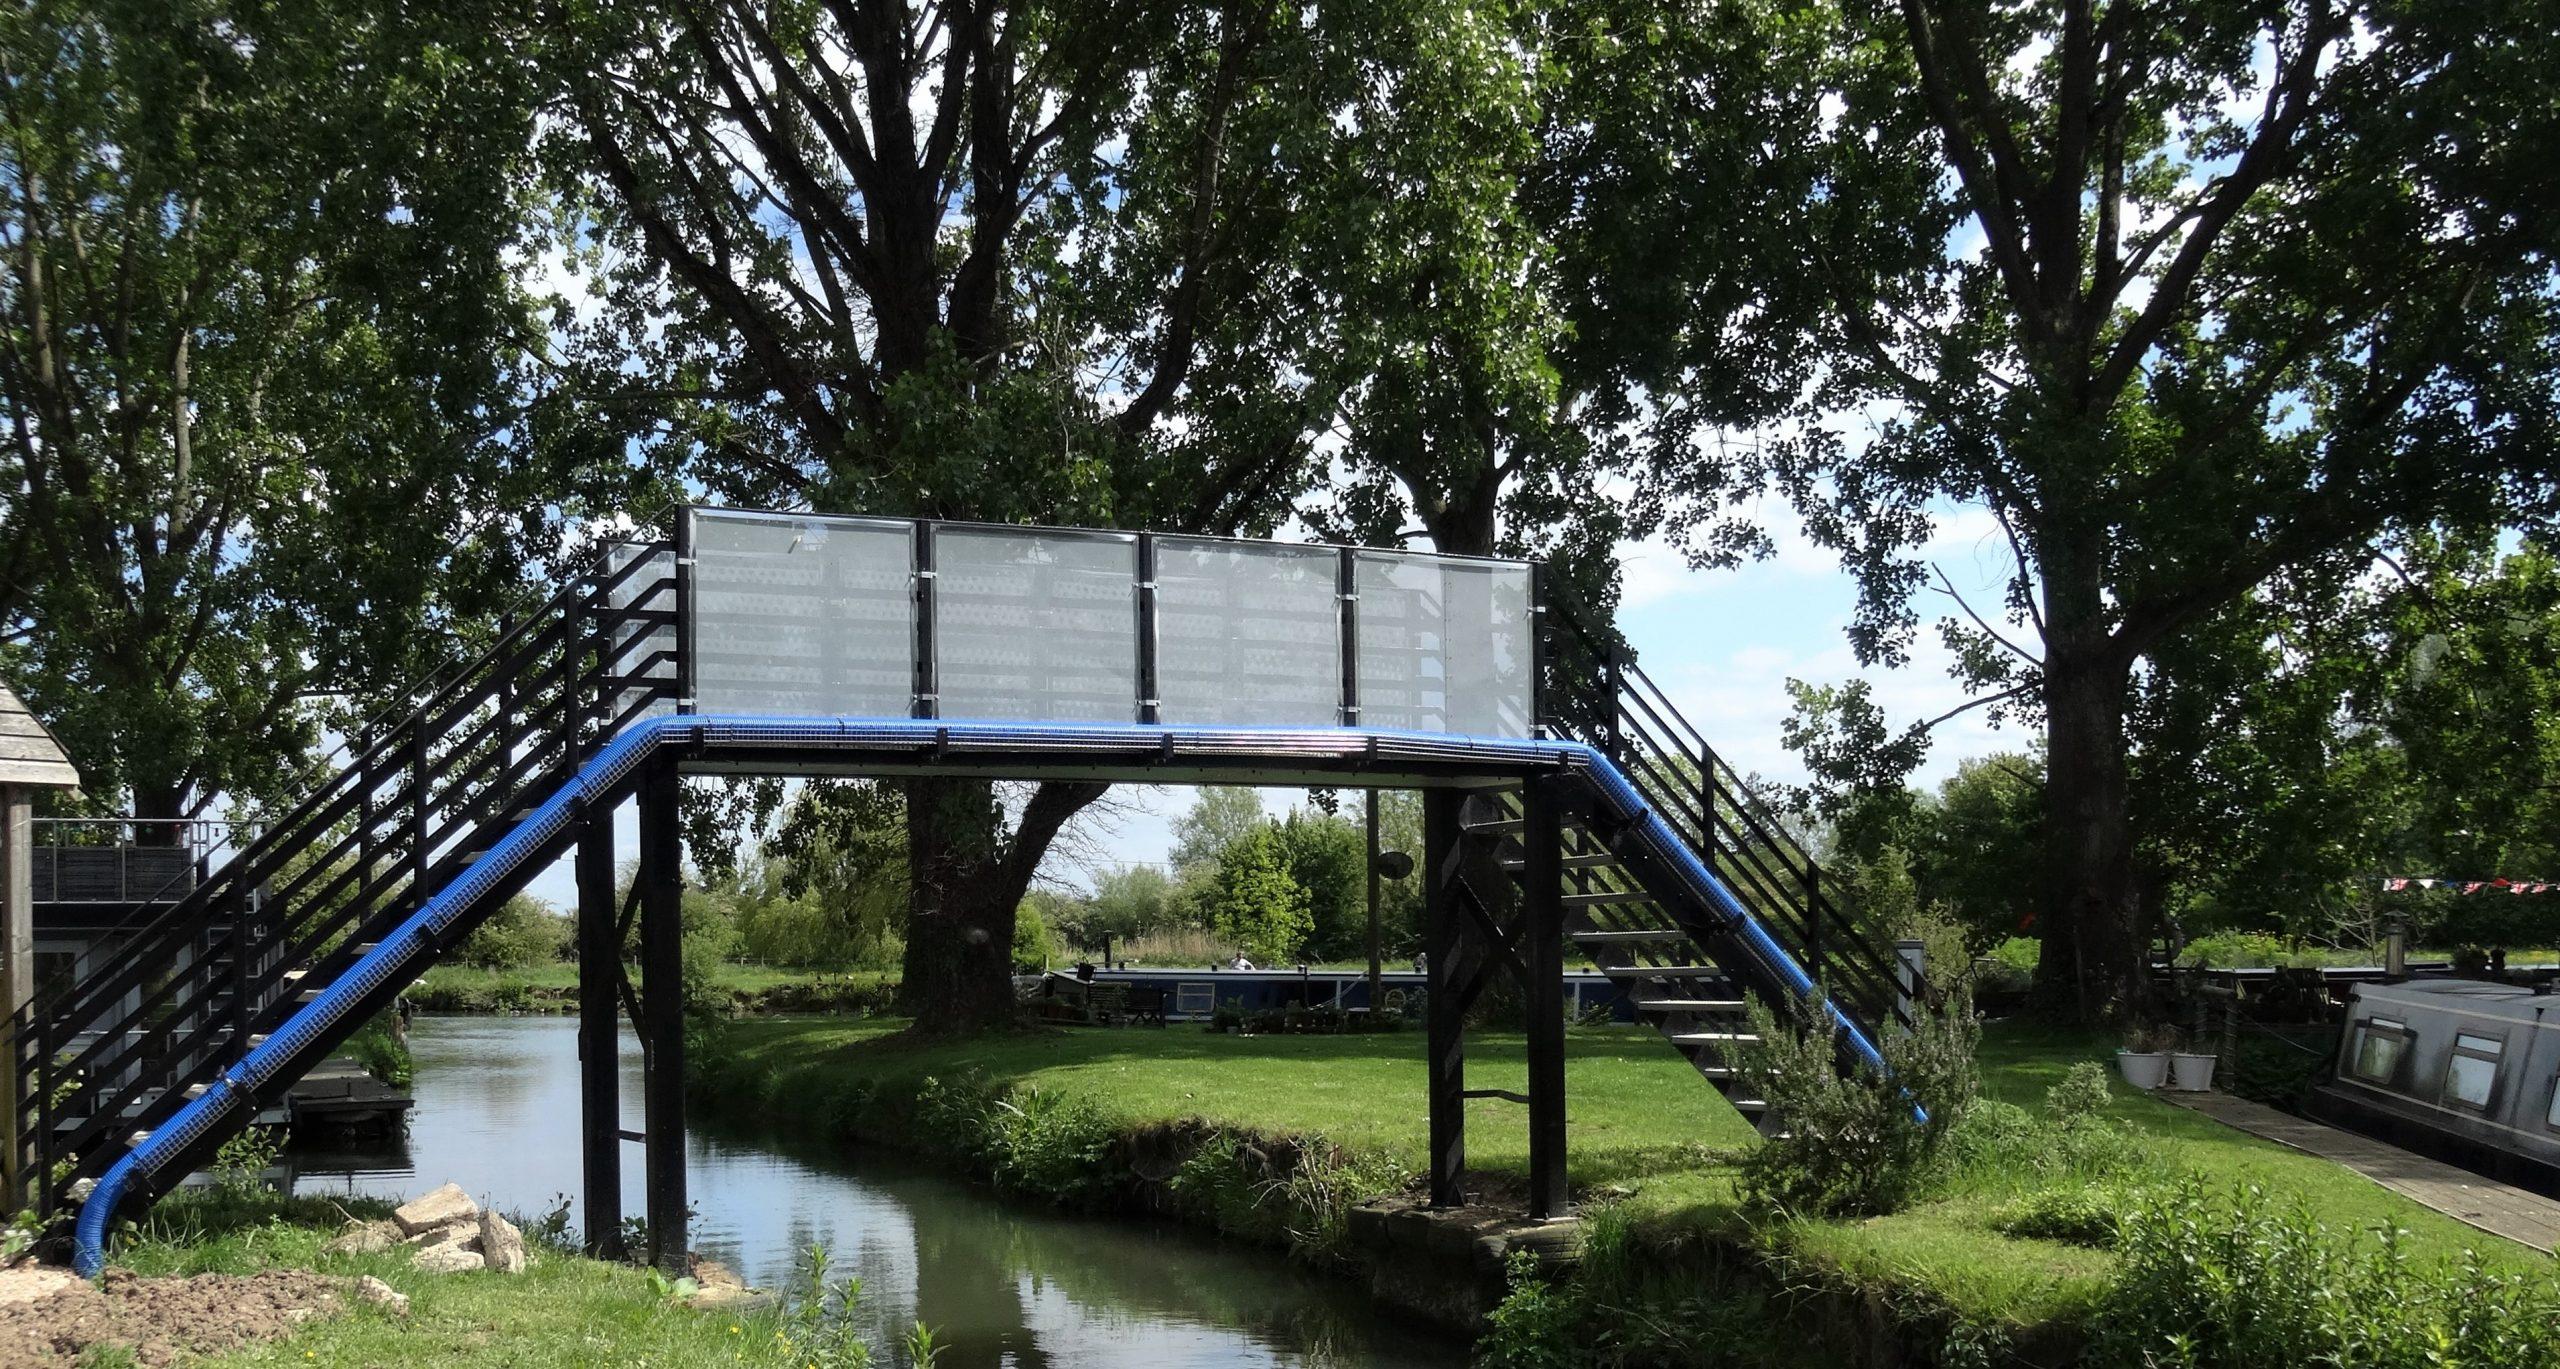 Refurbished bridge